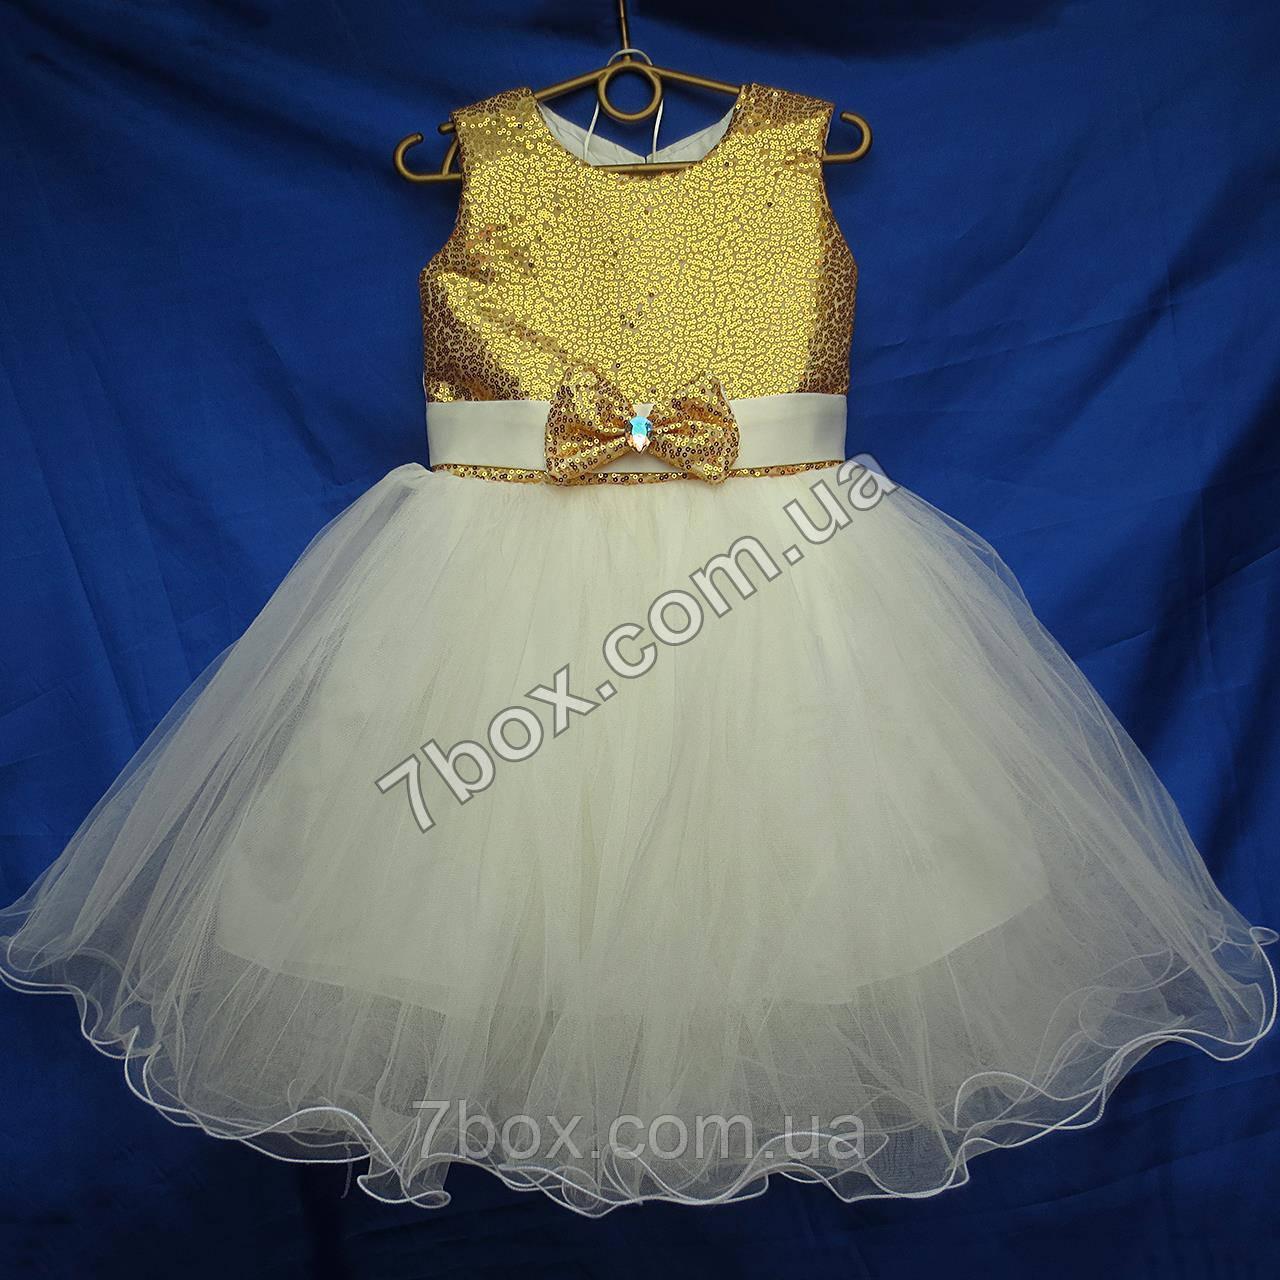 Детское нарядное платье бальное 4-5лет Пайетки-1 (золото+белый). Опт и Розница